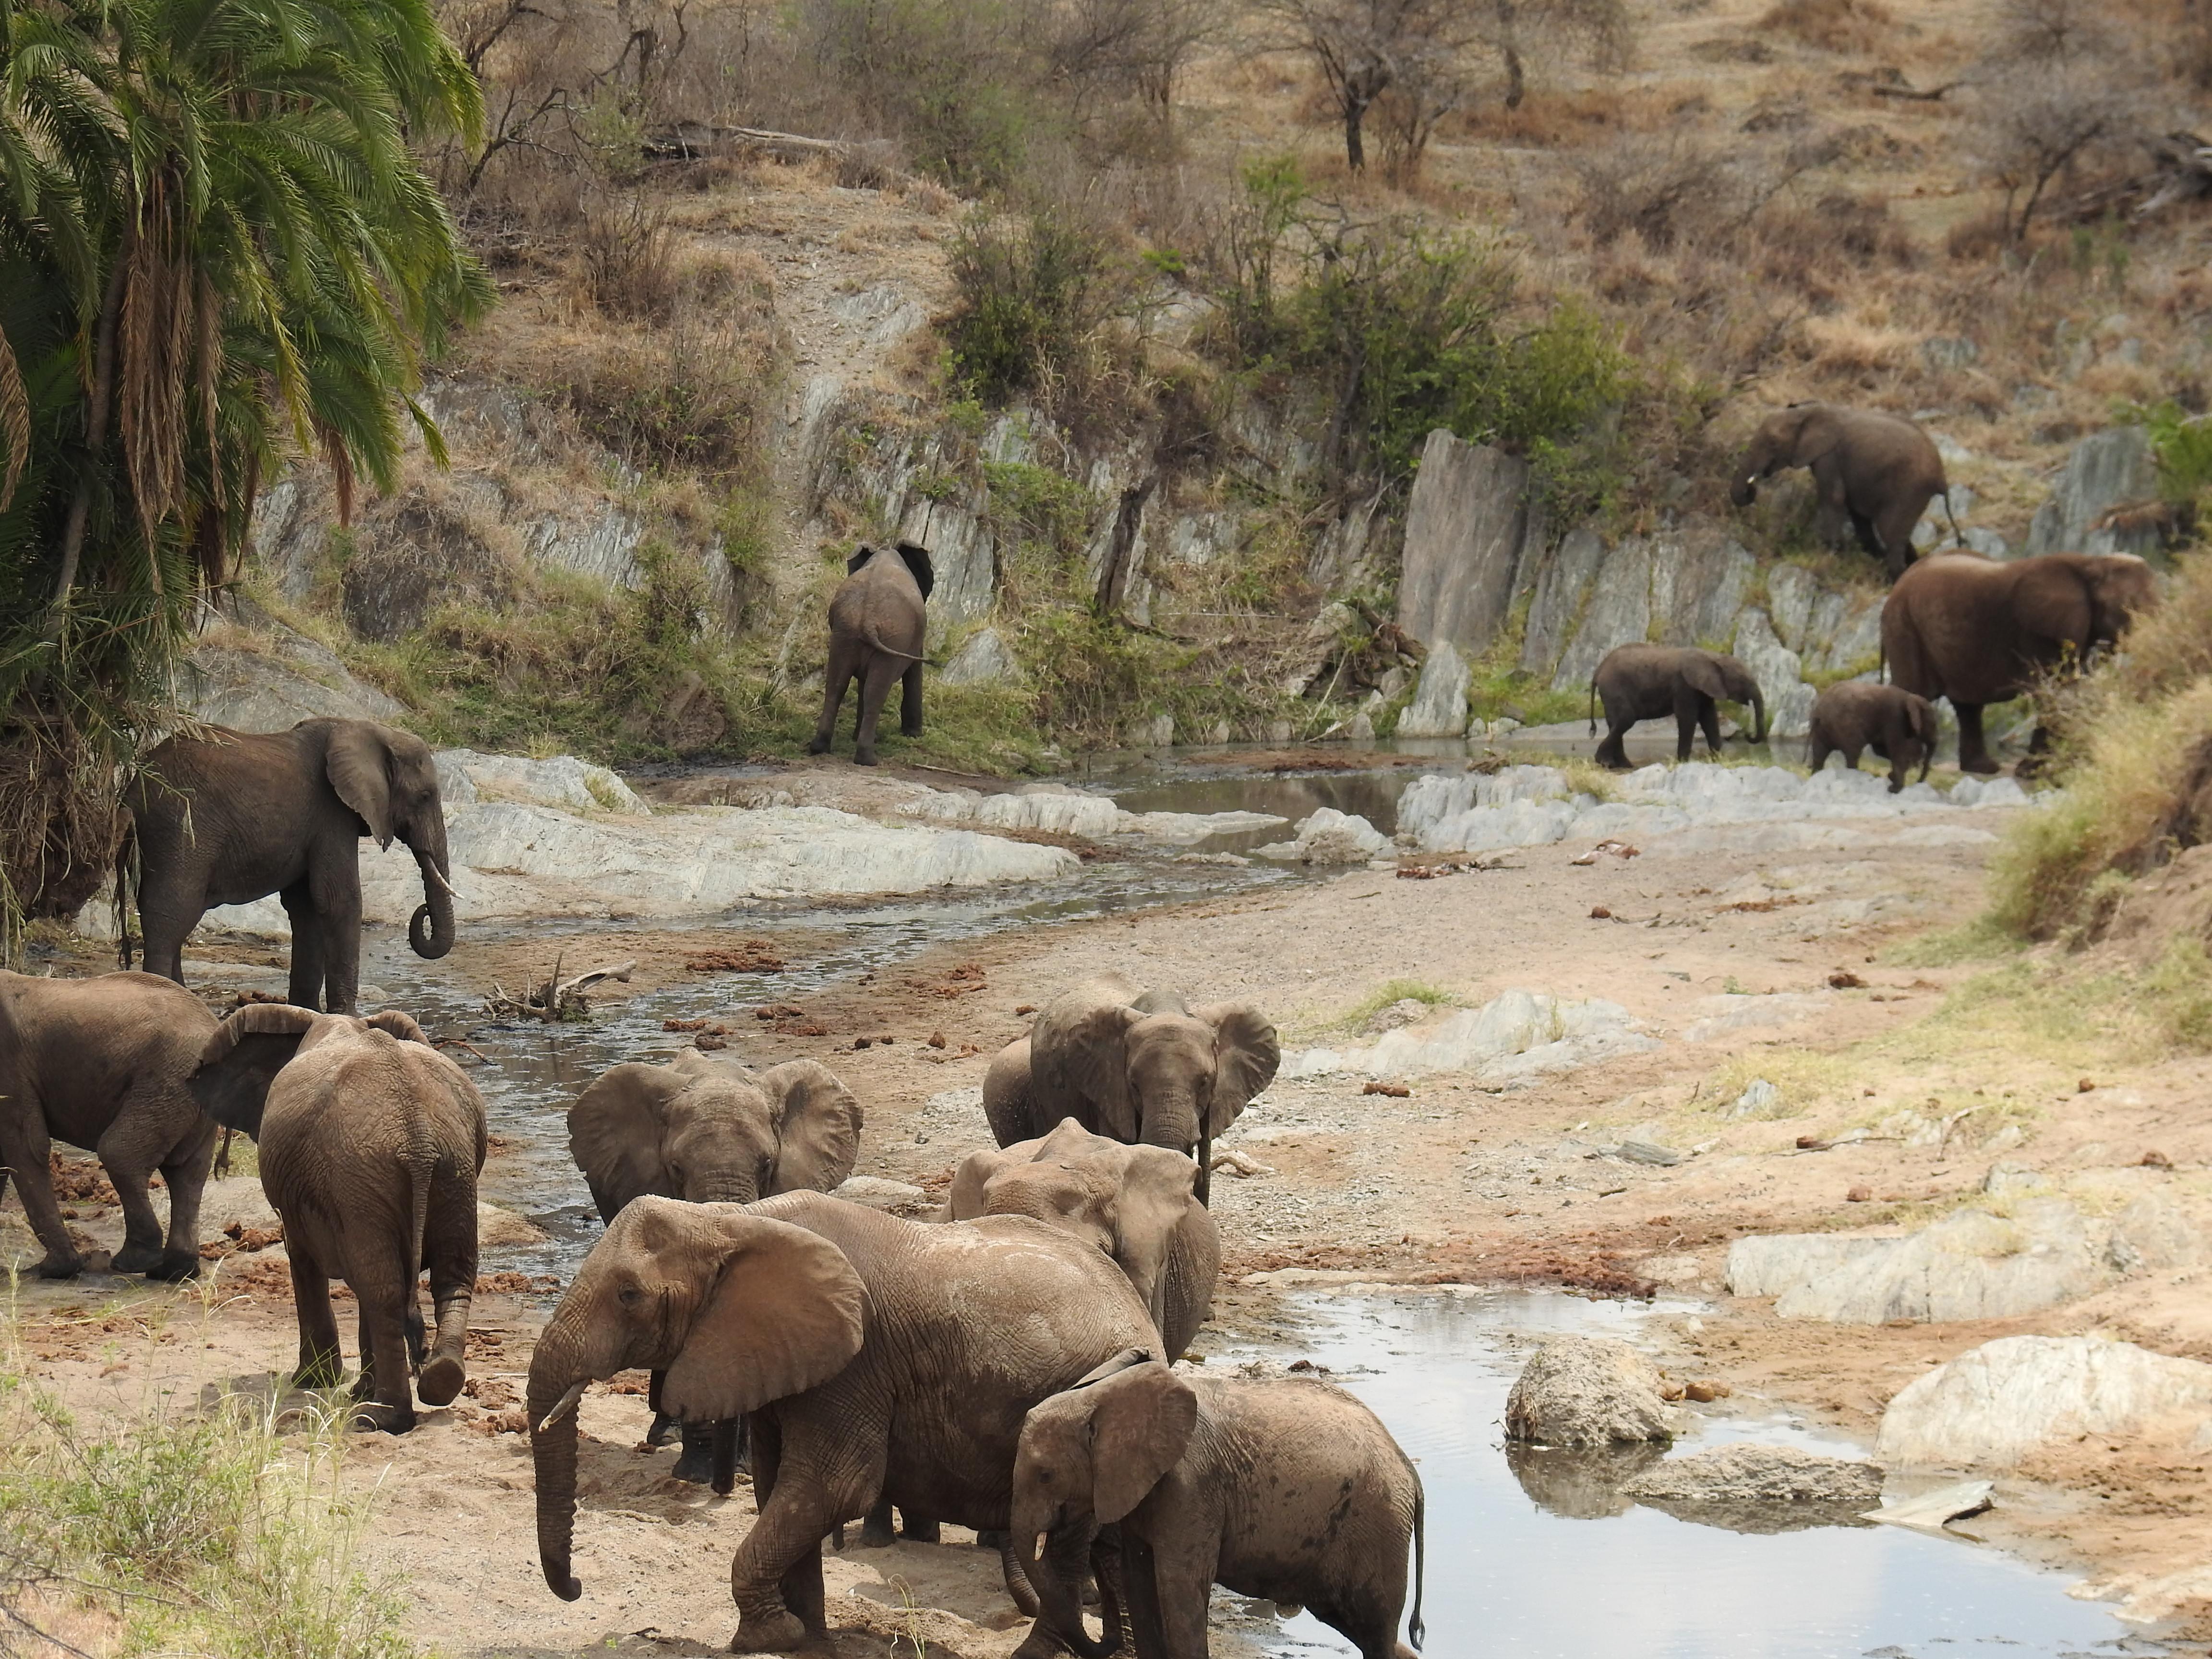 Elephants_in_gorge.jpg